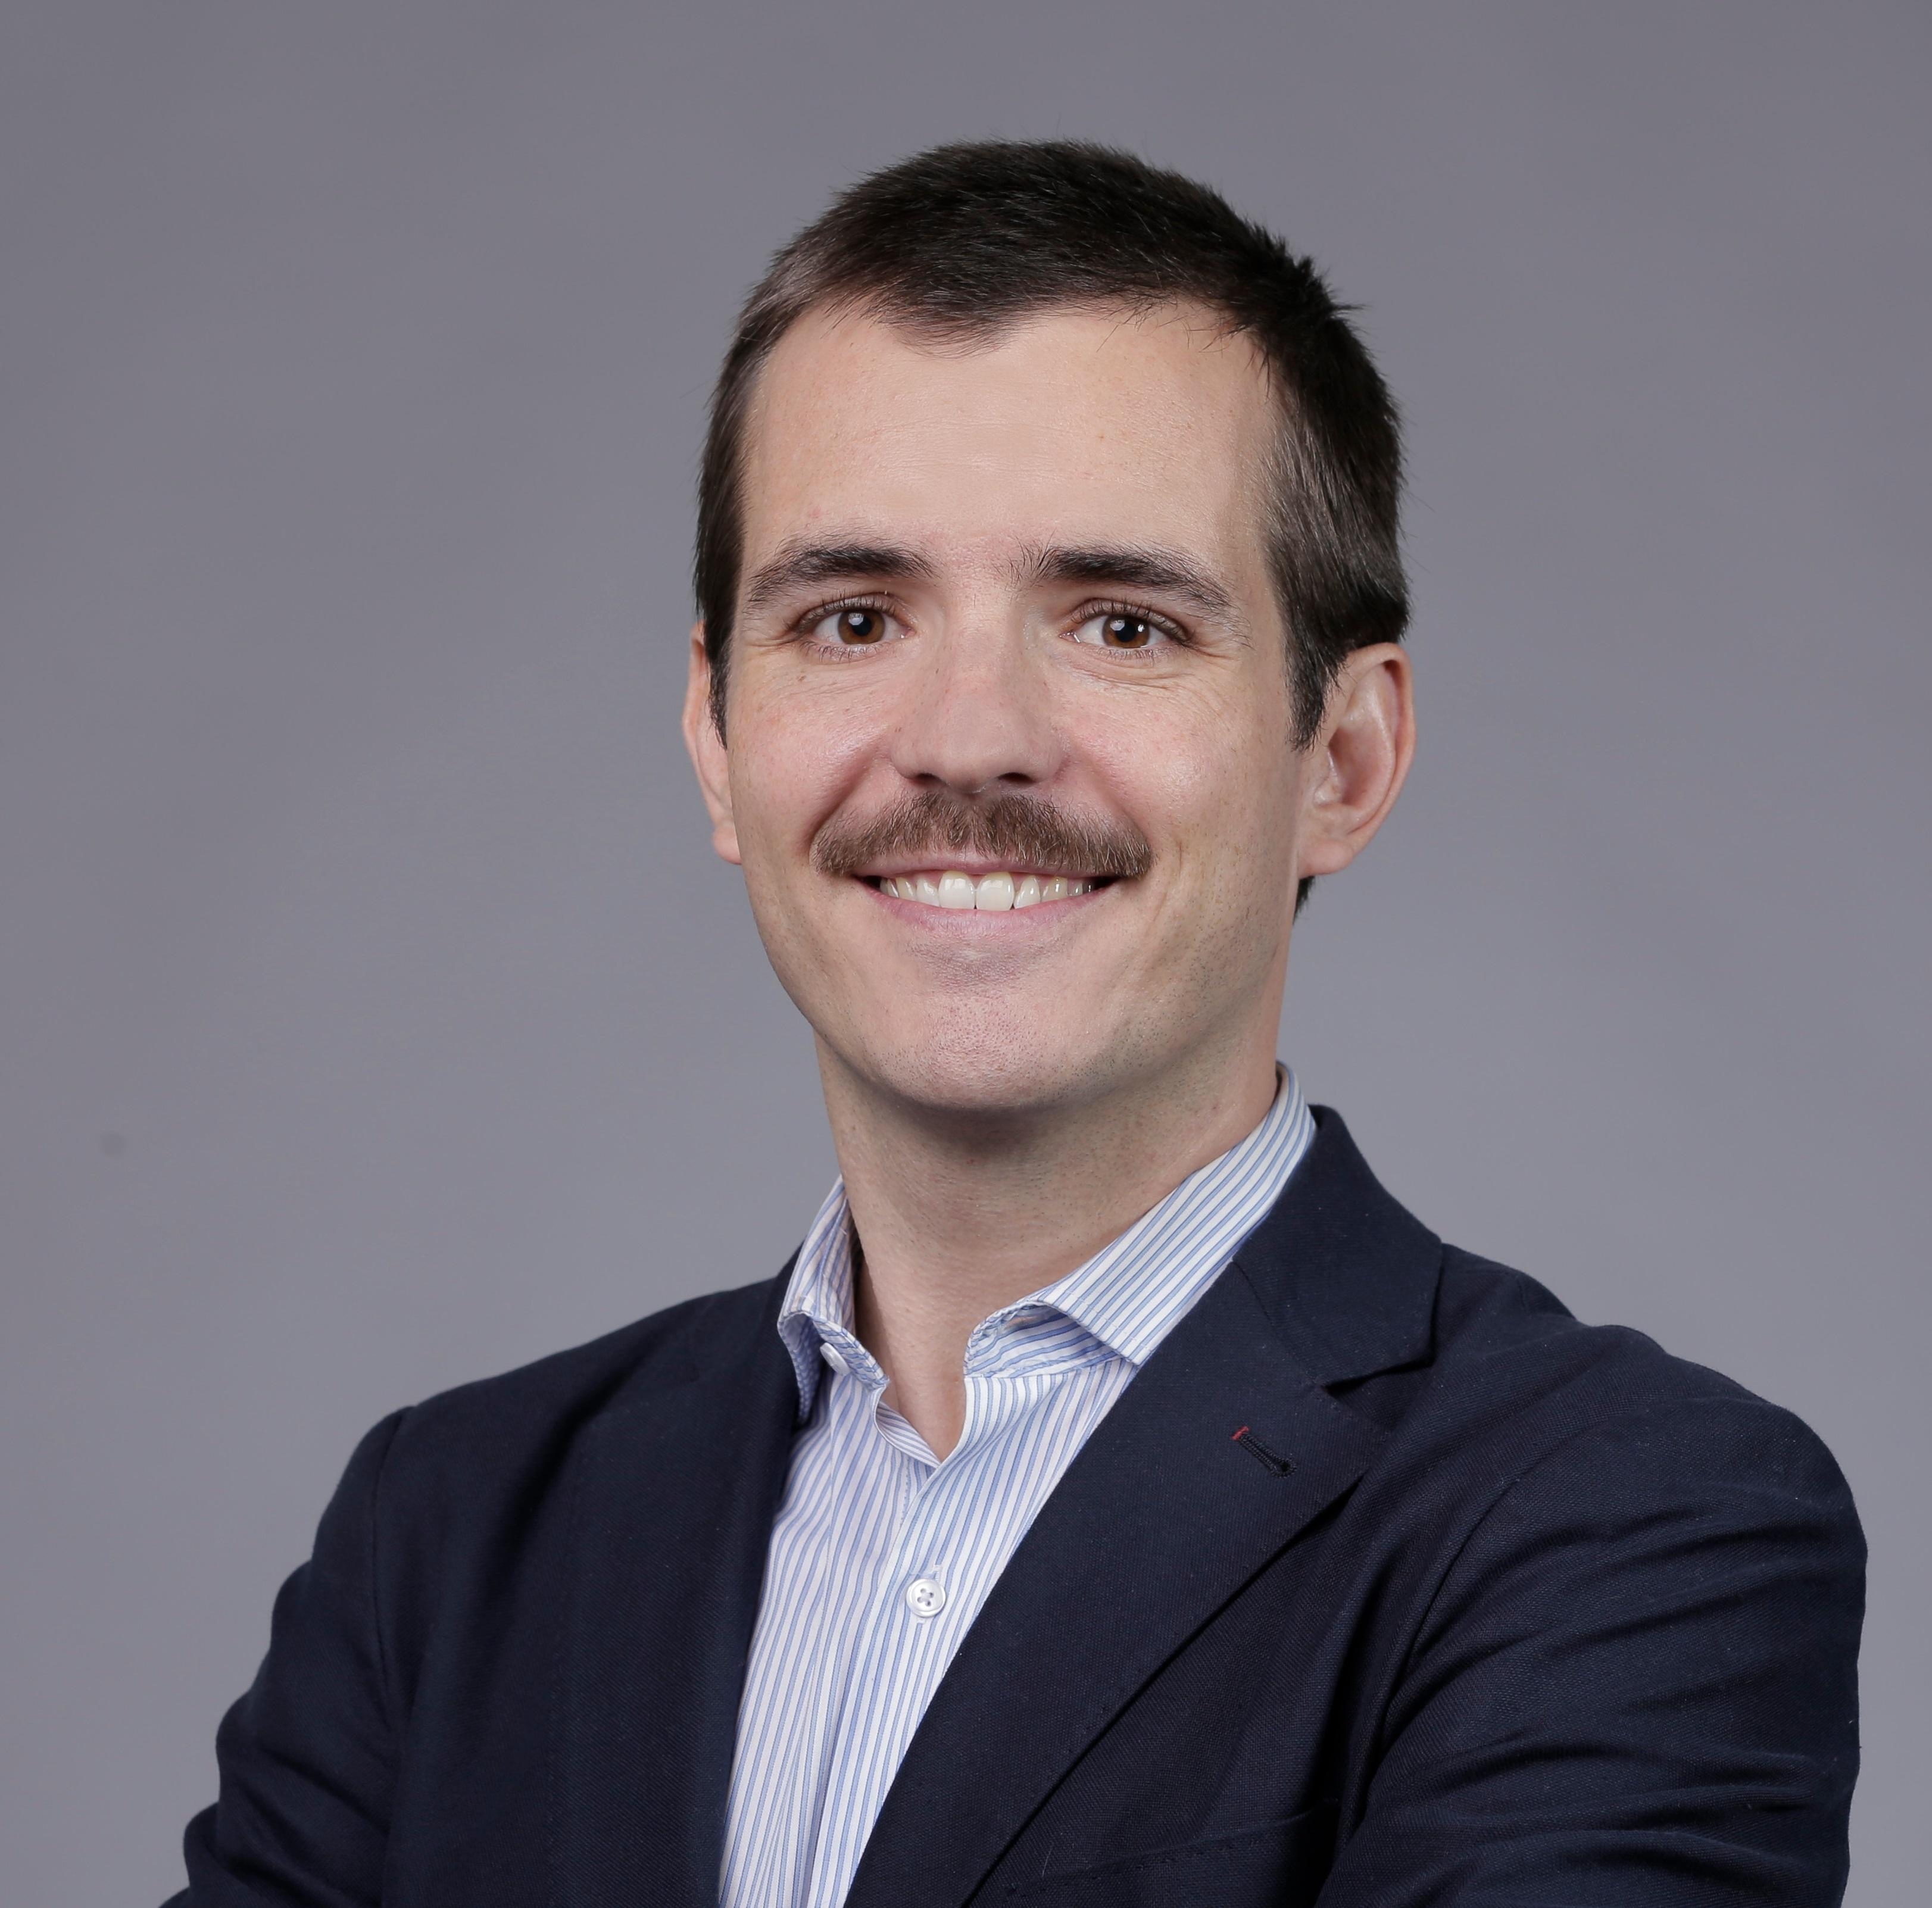 Guillermo Lecumberri